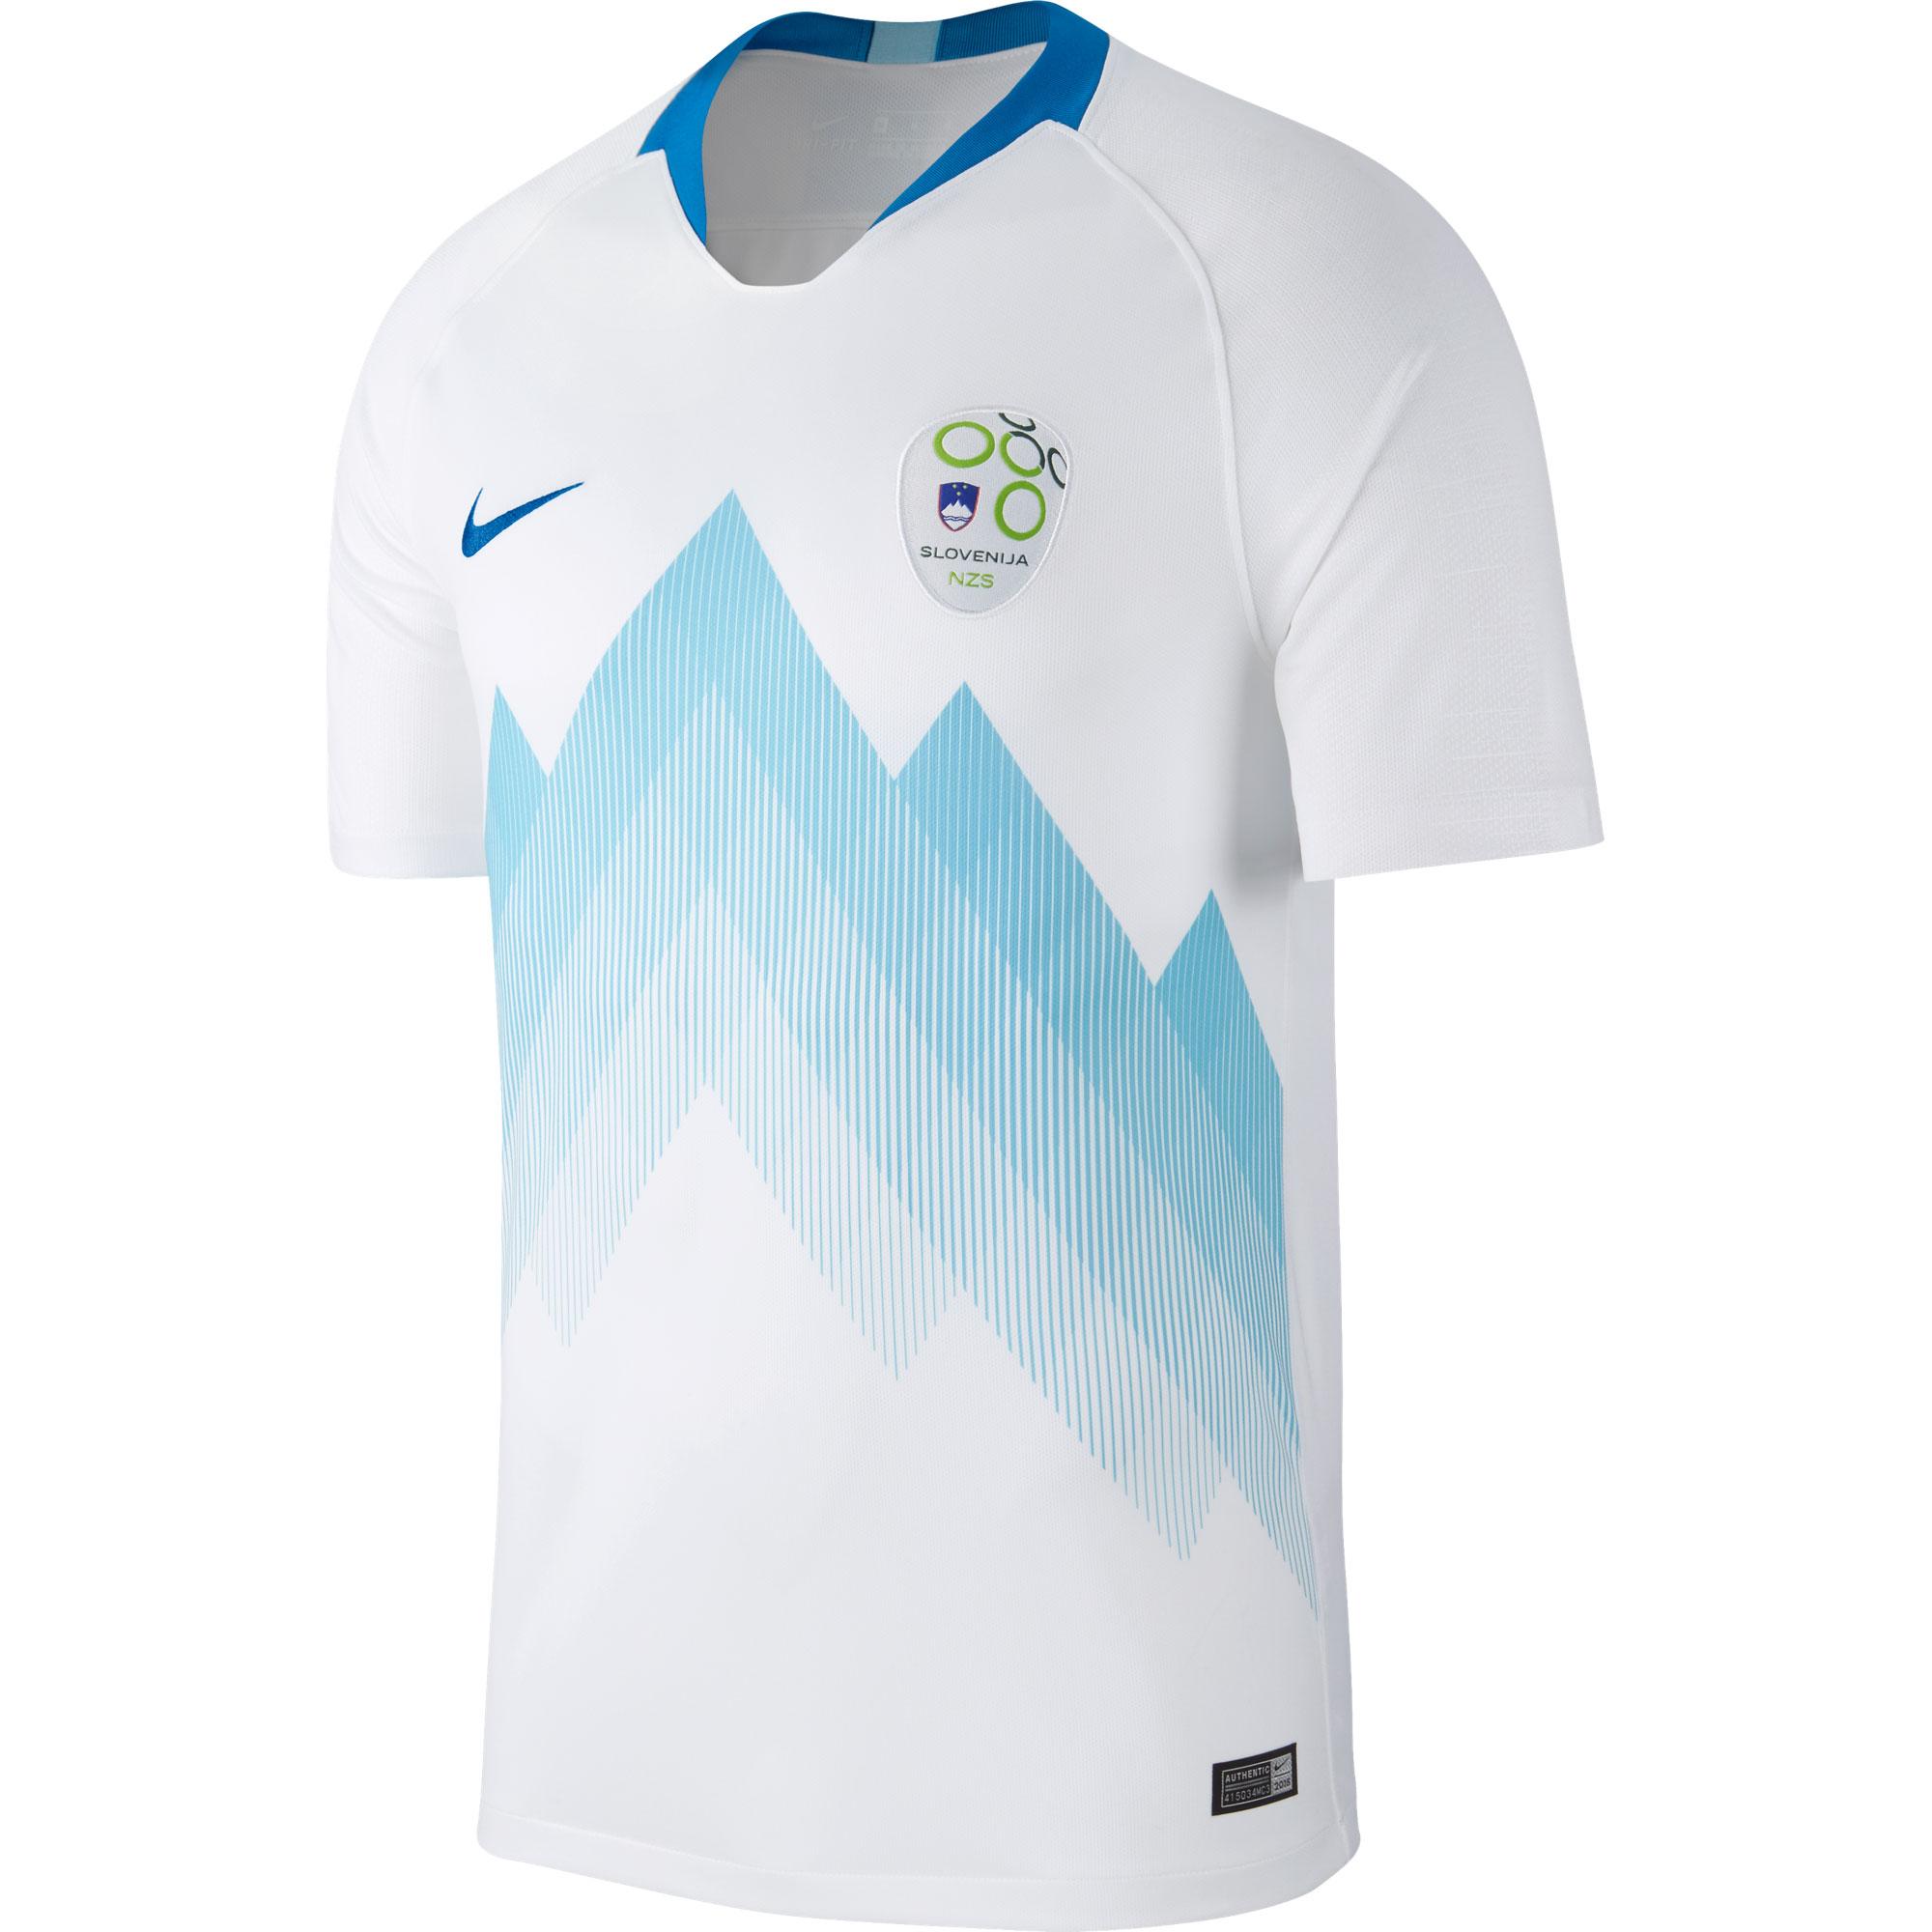 Slovenia Home Shirt 2018 2019